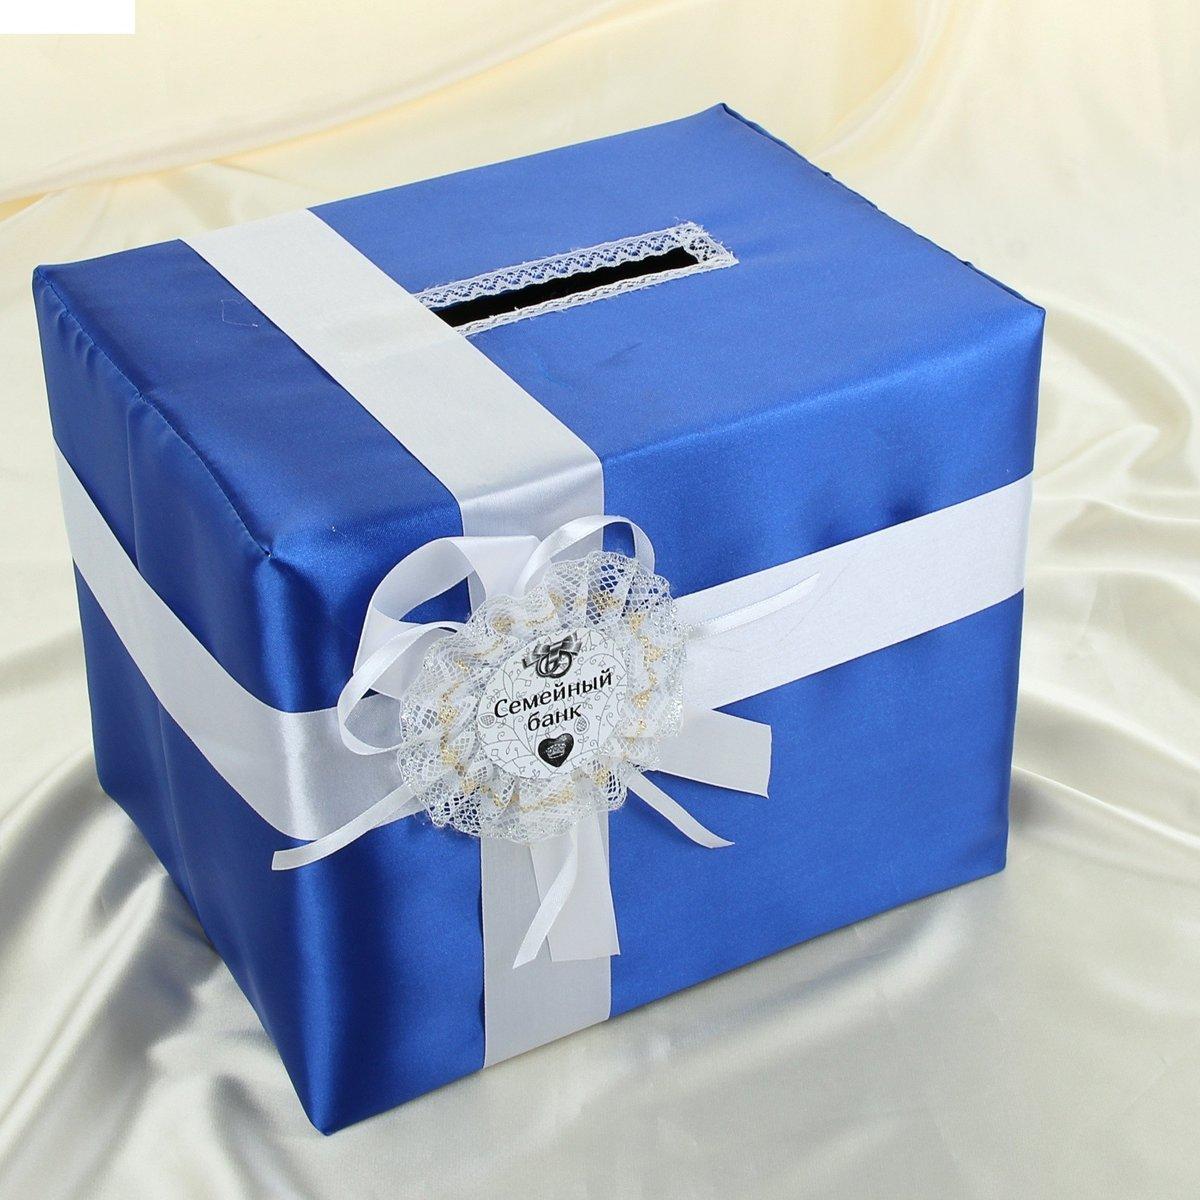 Коробки для даров на свадьбу своими руками 23